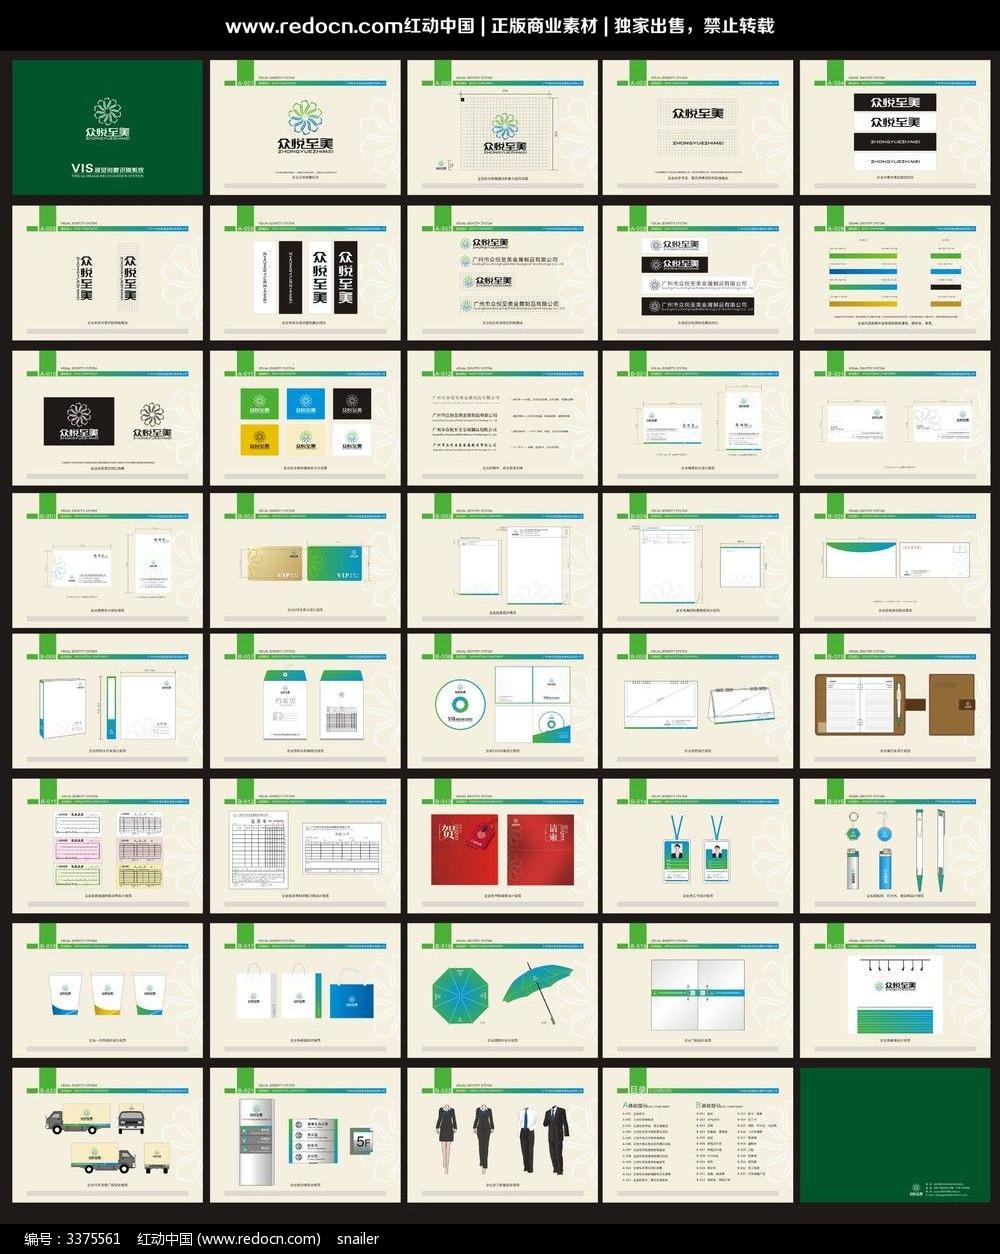 标签:CI设计模板 VIS模板 vi模板 vi品牌形象推广手册 vi设计模板下载